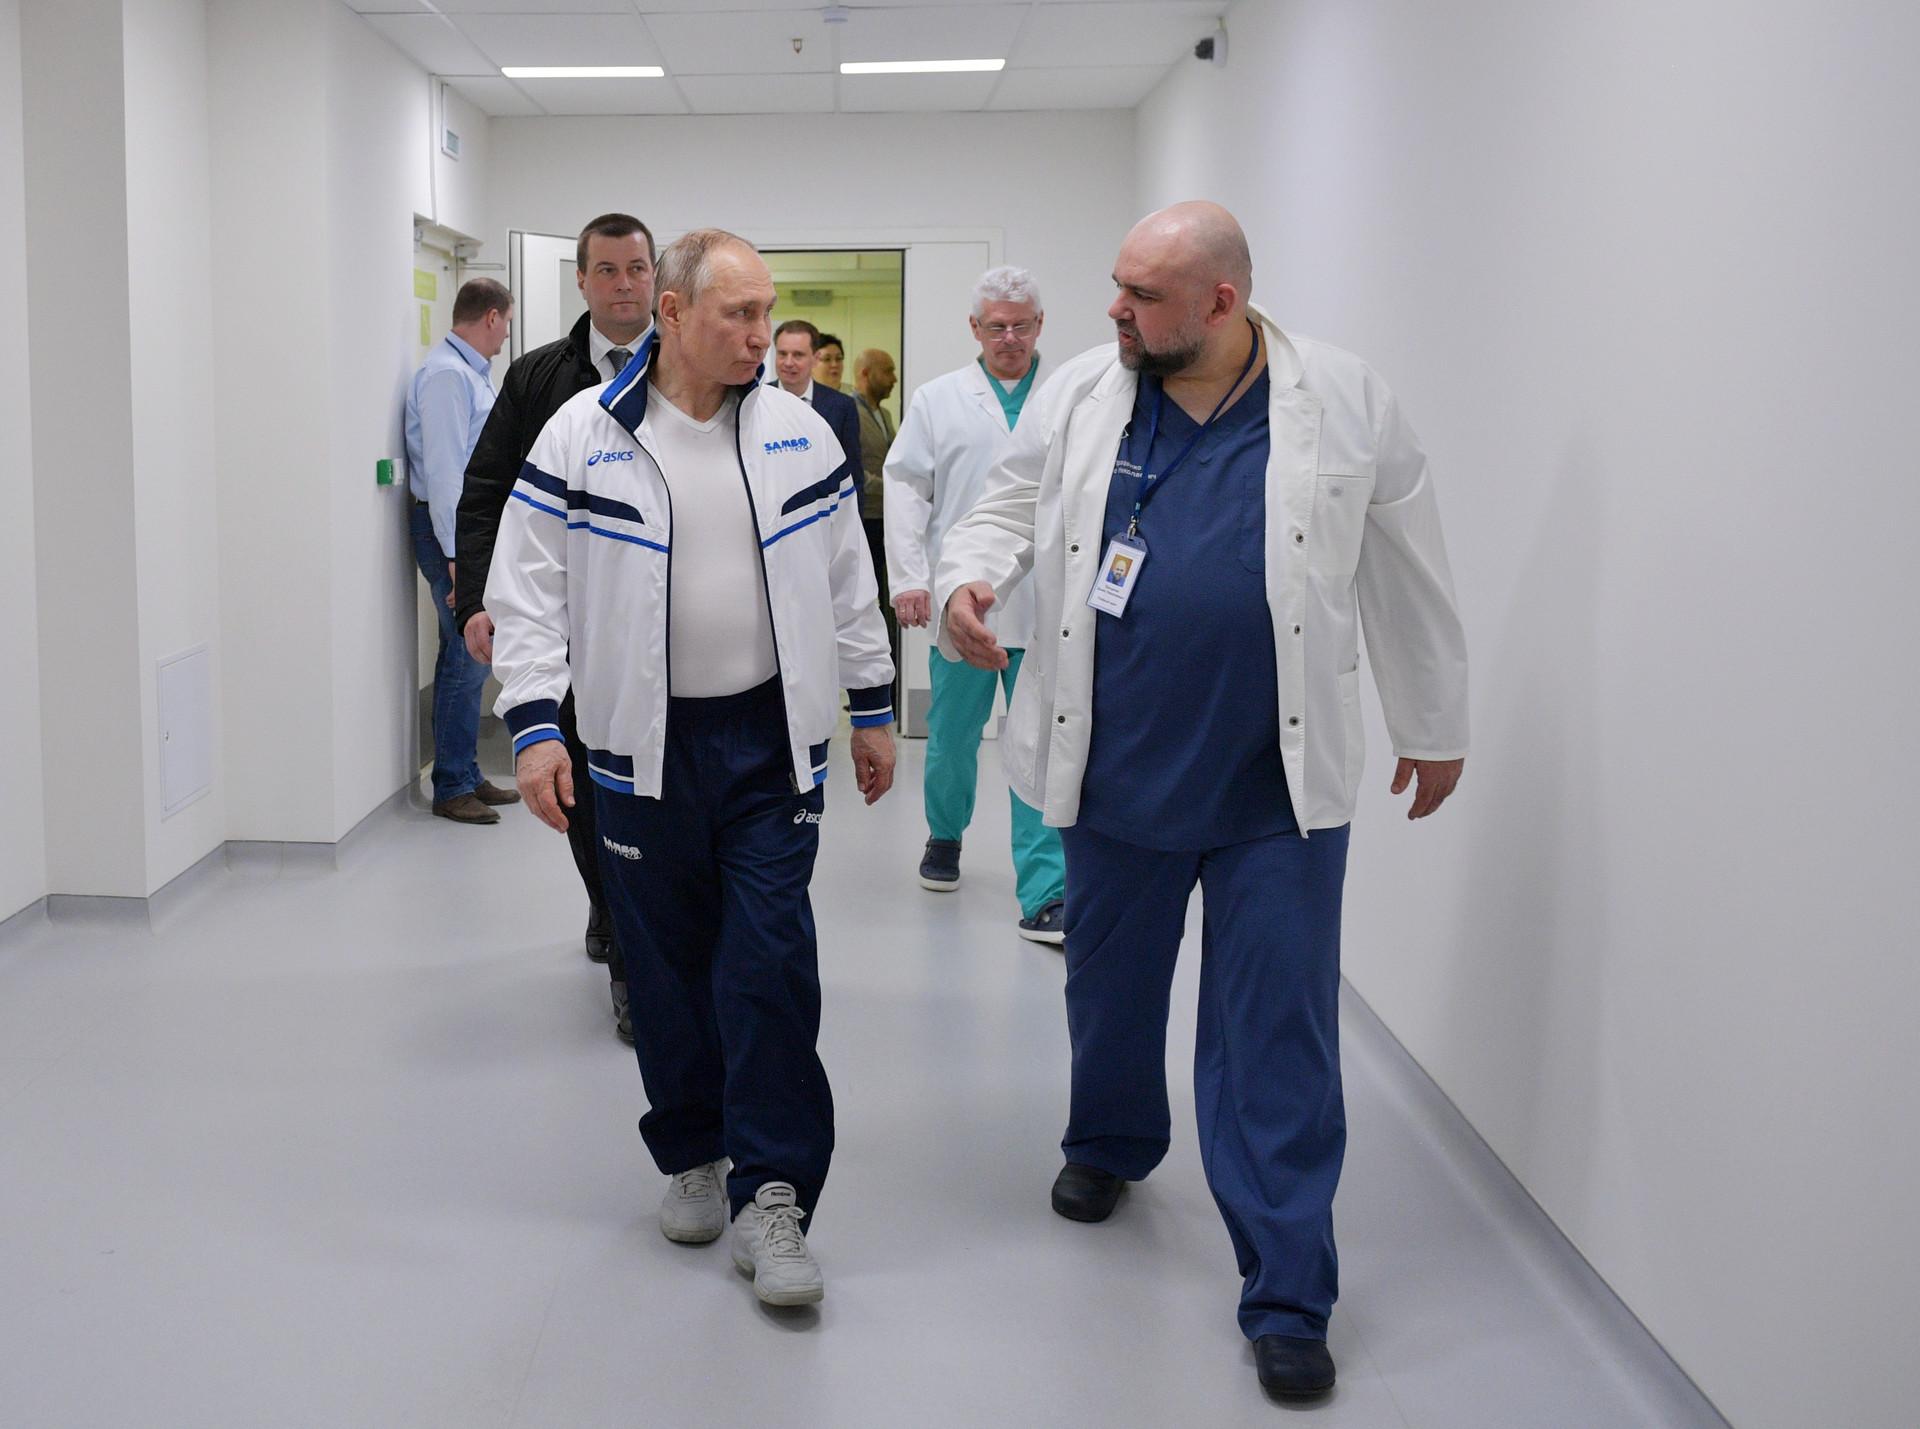 プーチン大統領とデニス・プロツェンコ氏